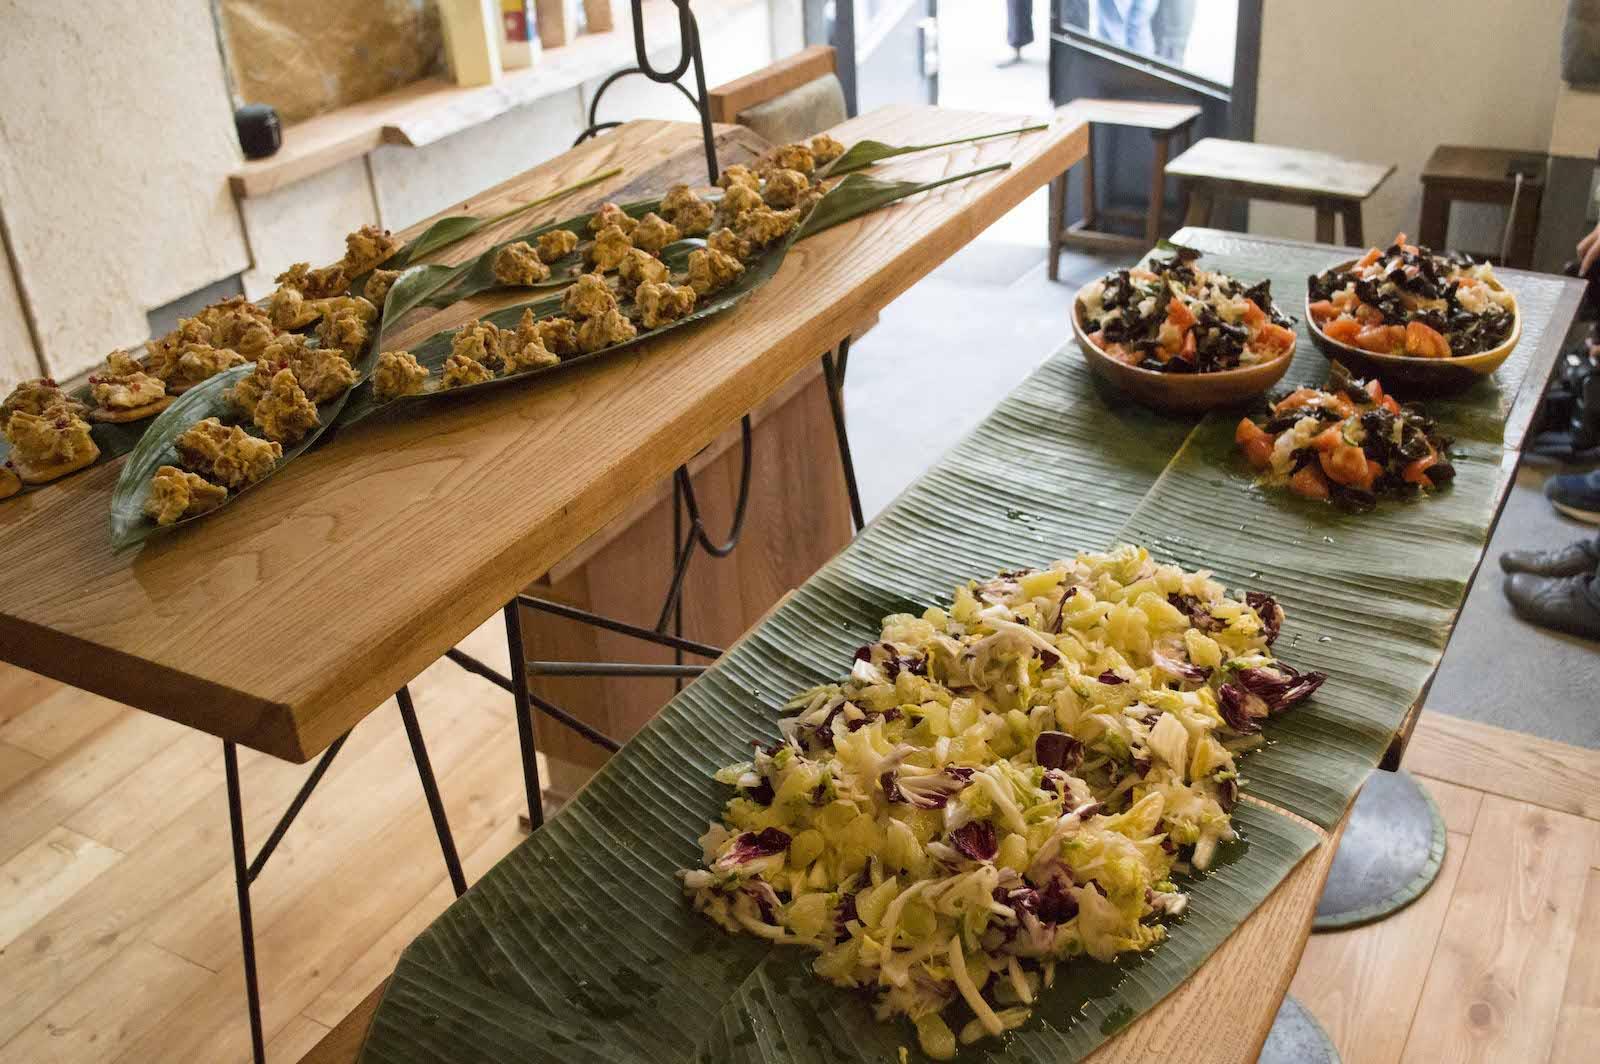 オープニングパーティでは吉里亜季さんによる大玉村の食材をふんだんに使った料理が提供された。